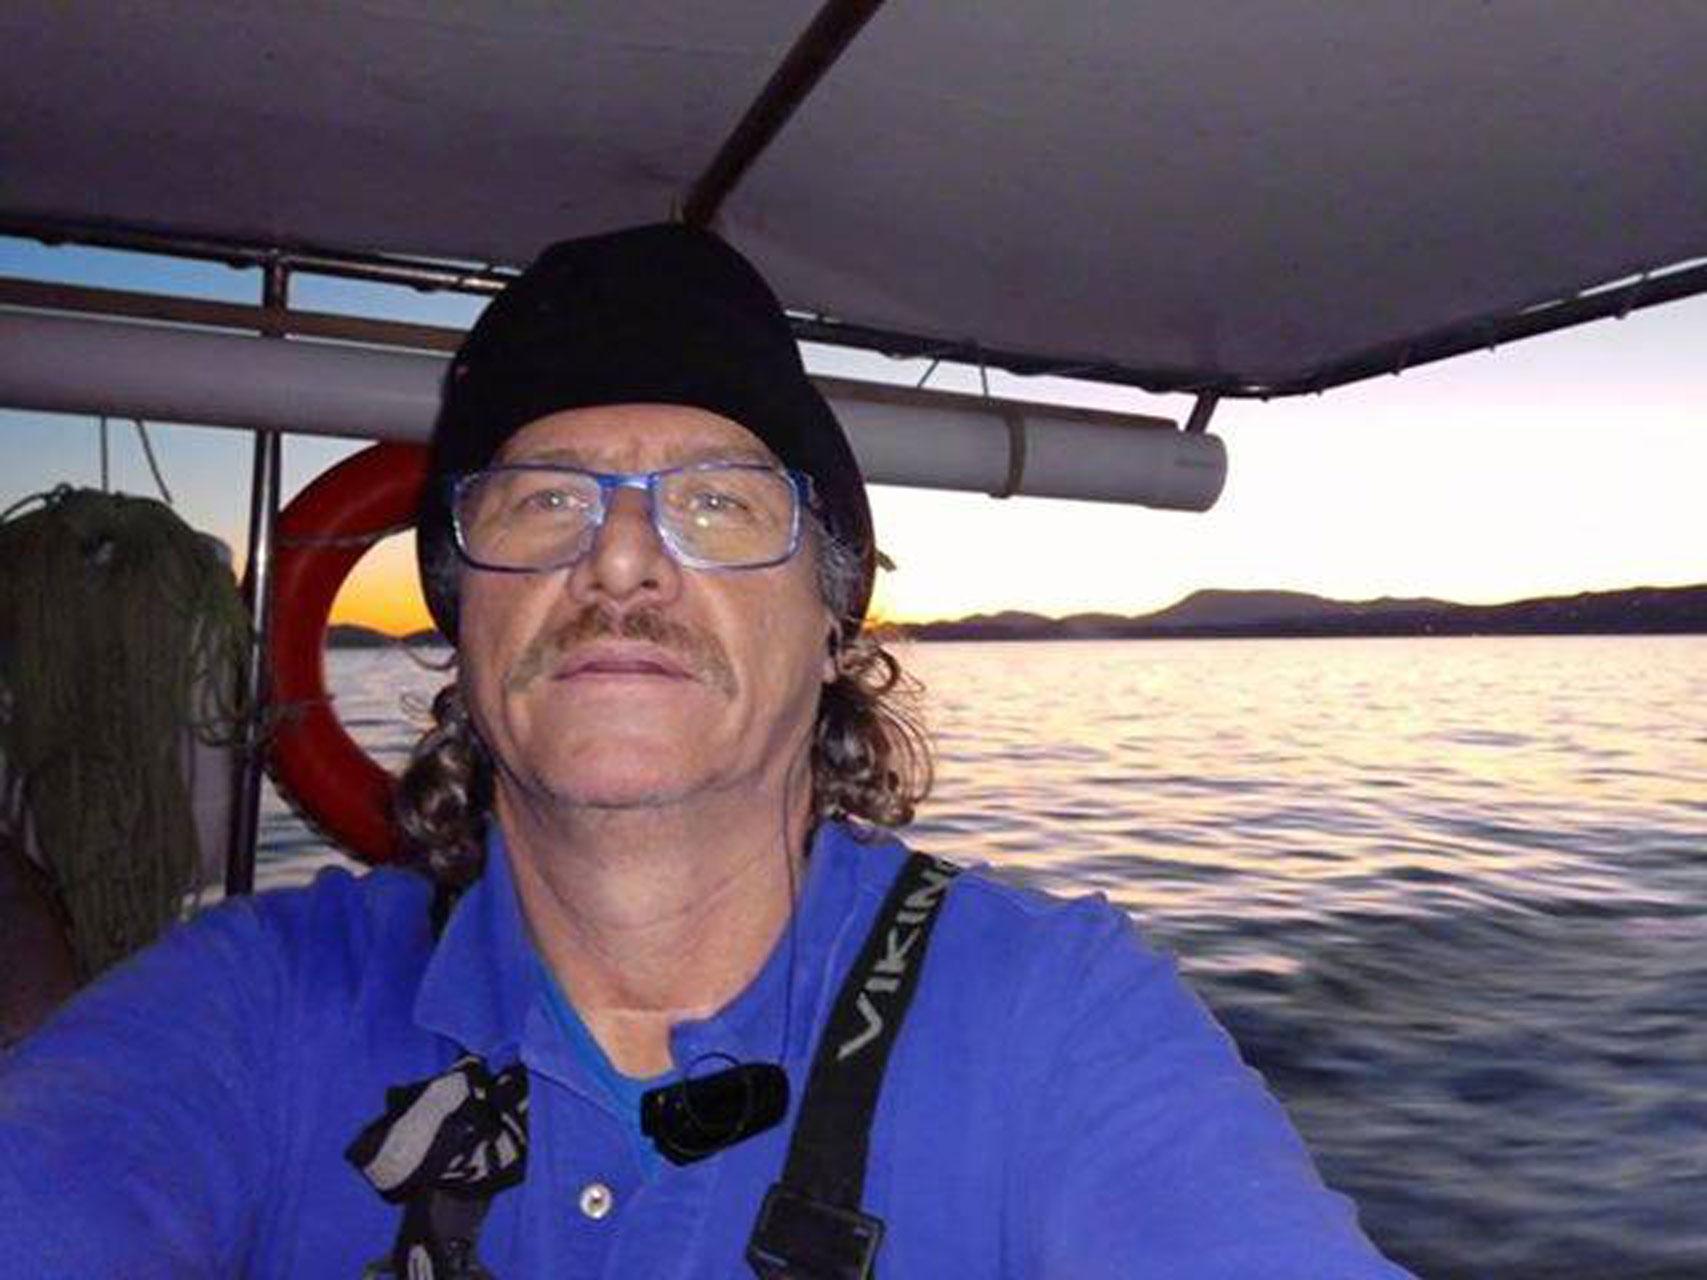 Δημοσία δαπάνη η κηδεία του ήρωα ψαρά που έσωσε 70 ανθρώπους στο Μάτι – Μητσοτάκης: Δείγμα ευγνωμοσύνης για όσα έκανε